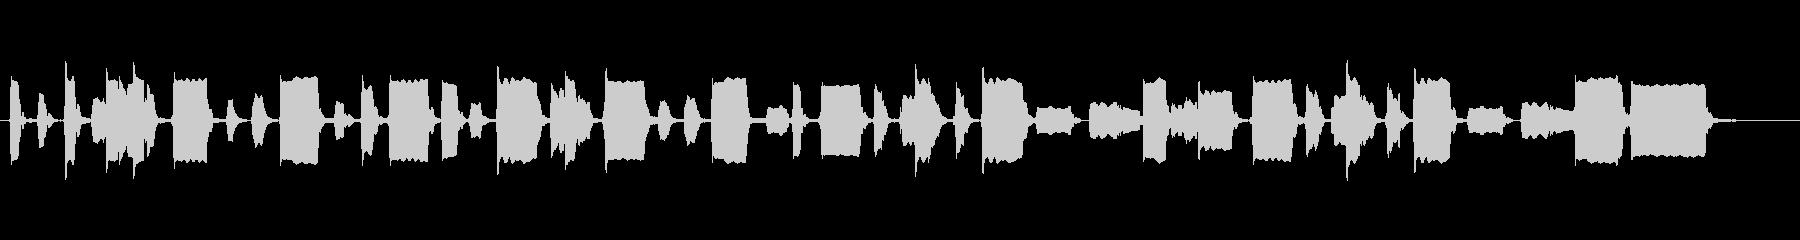 リコーダー1本のみで奏でる昭和の子供の未再生の波形